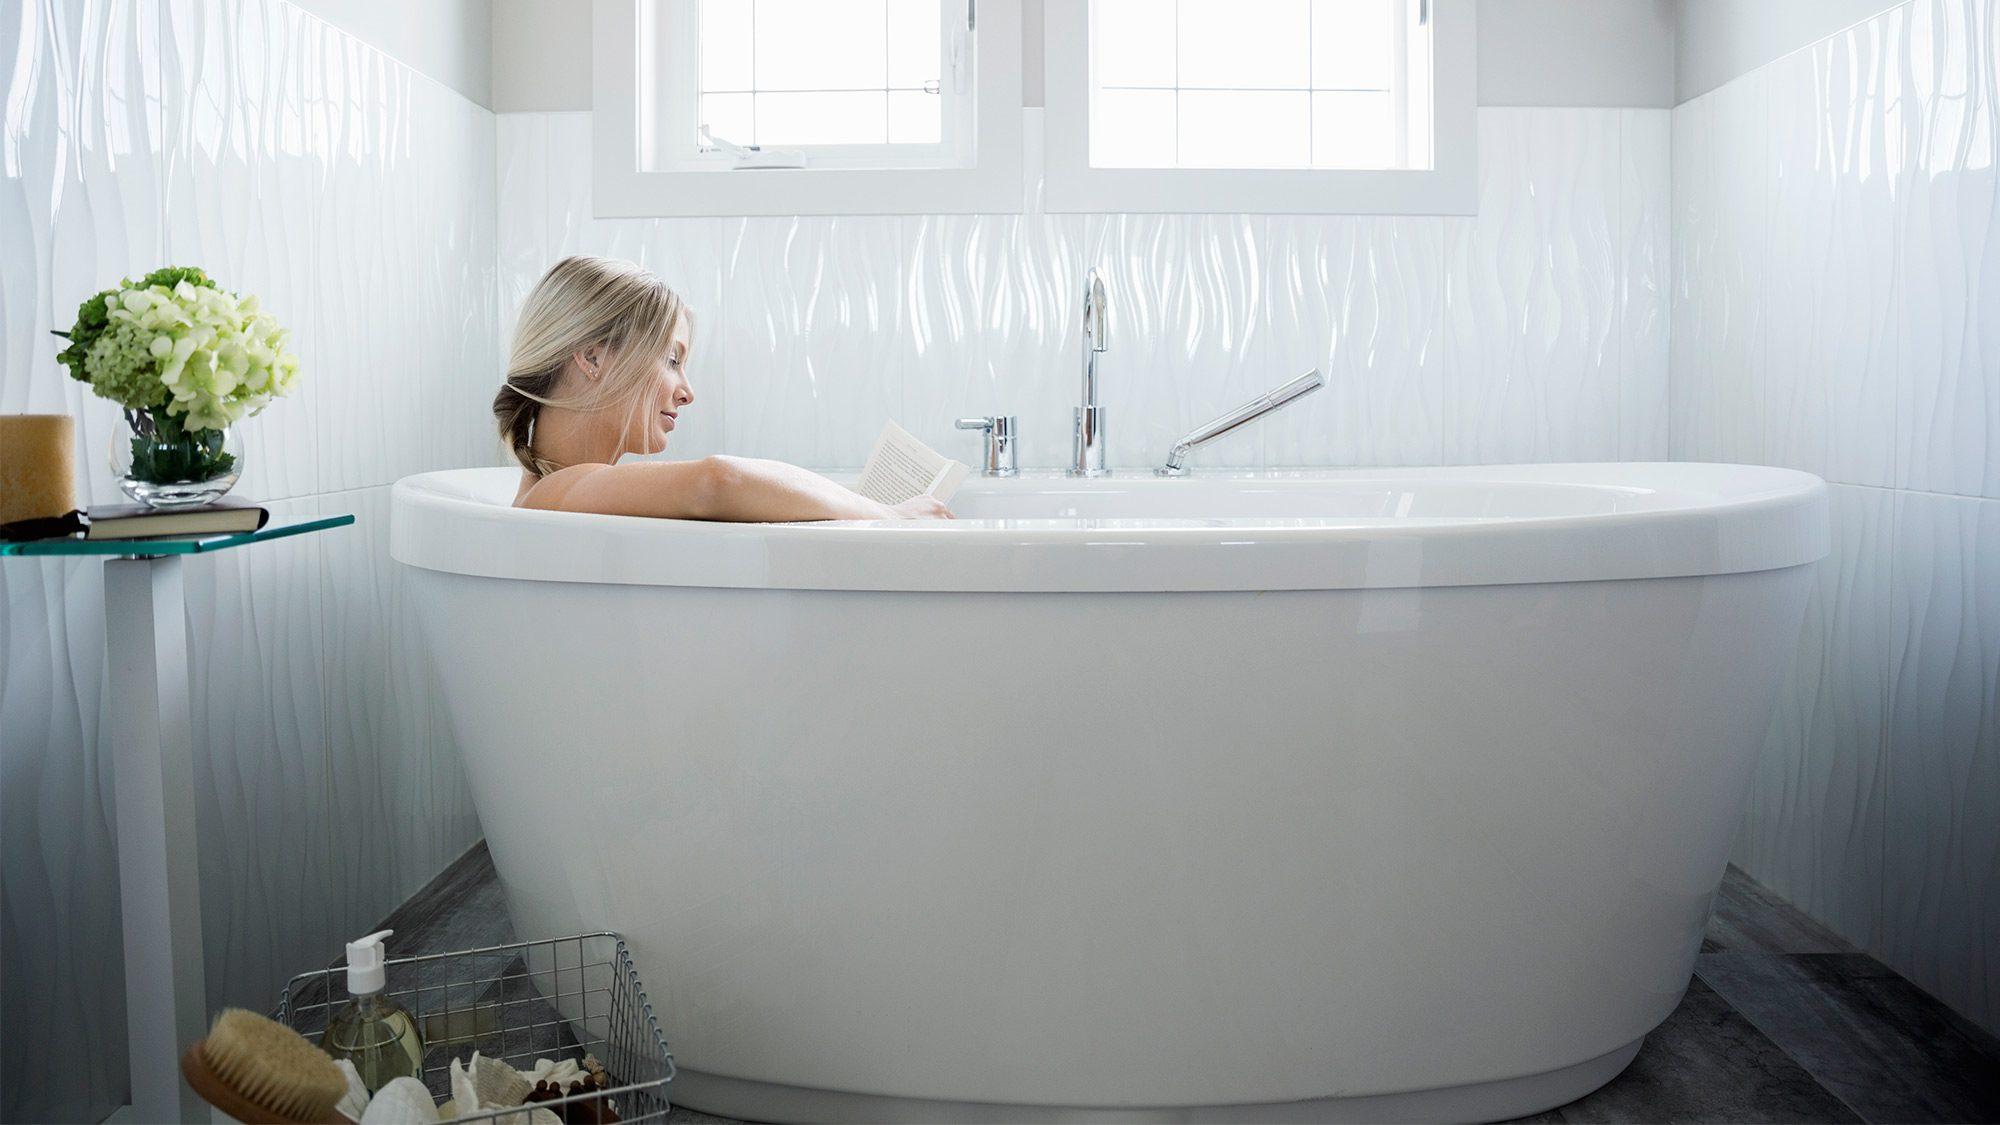 Big ol' tub